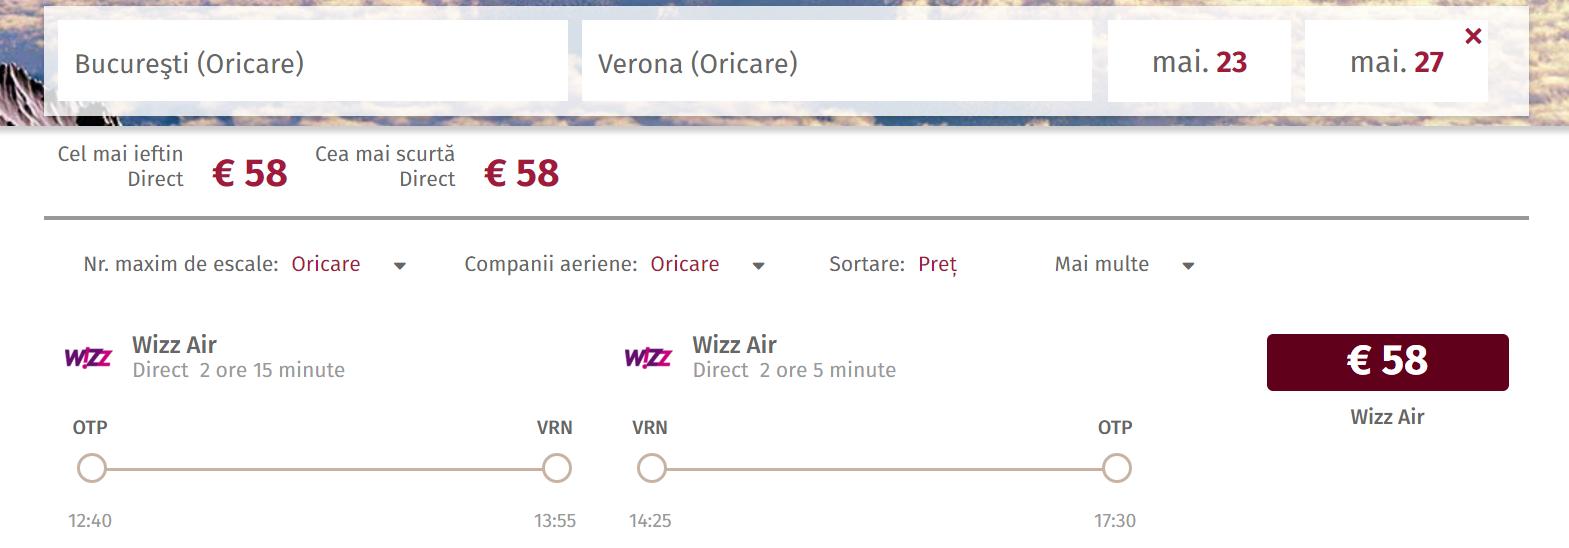 Bucuresti Verona